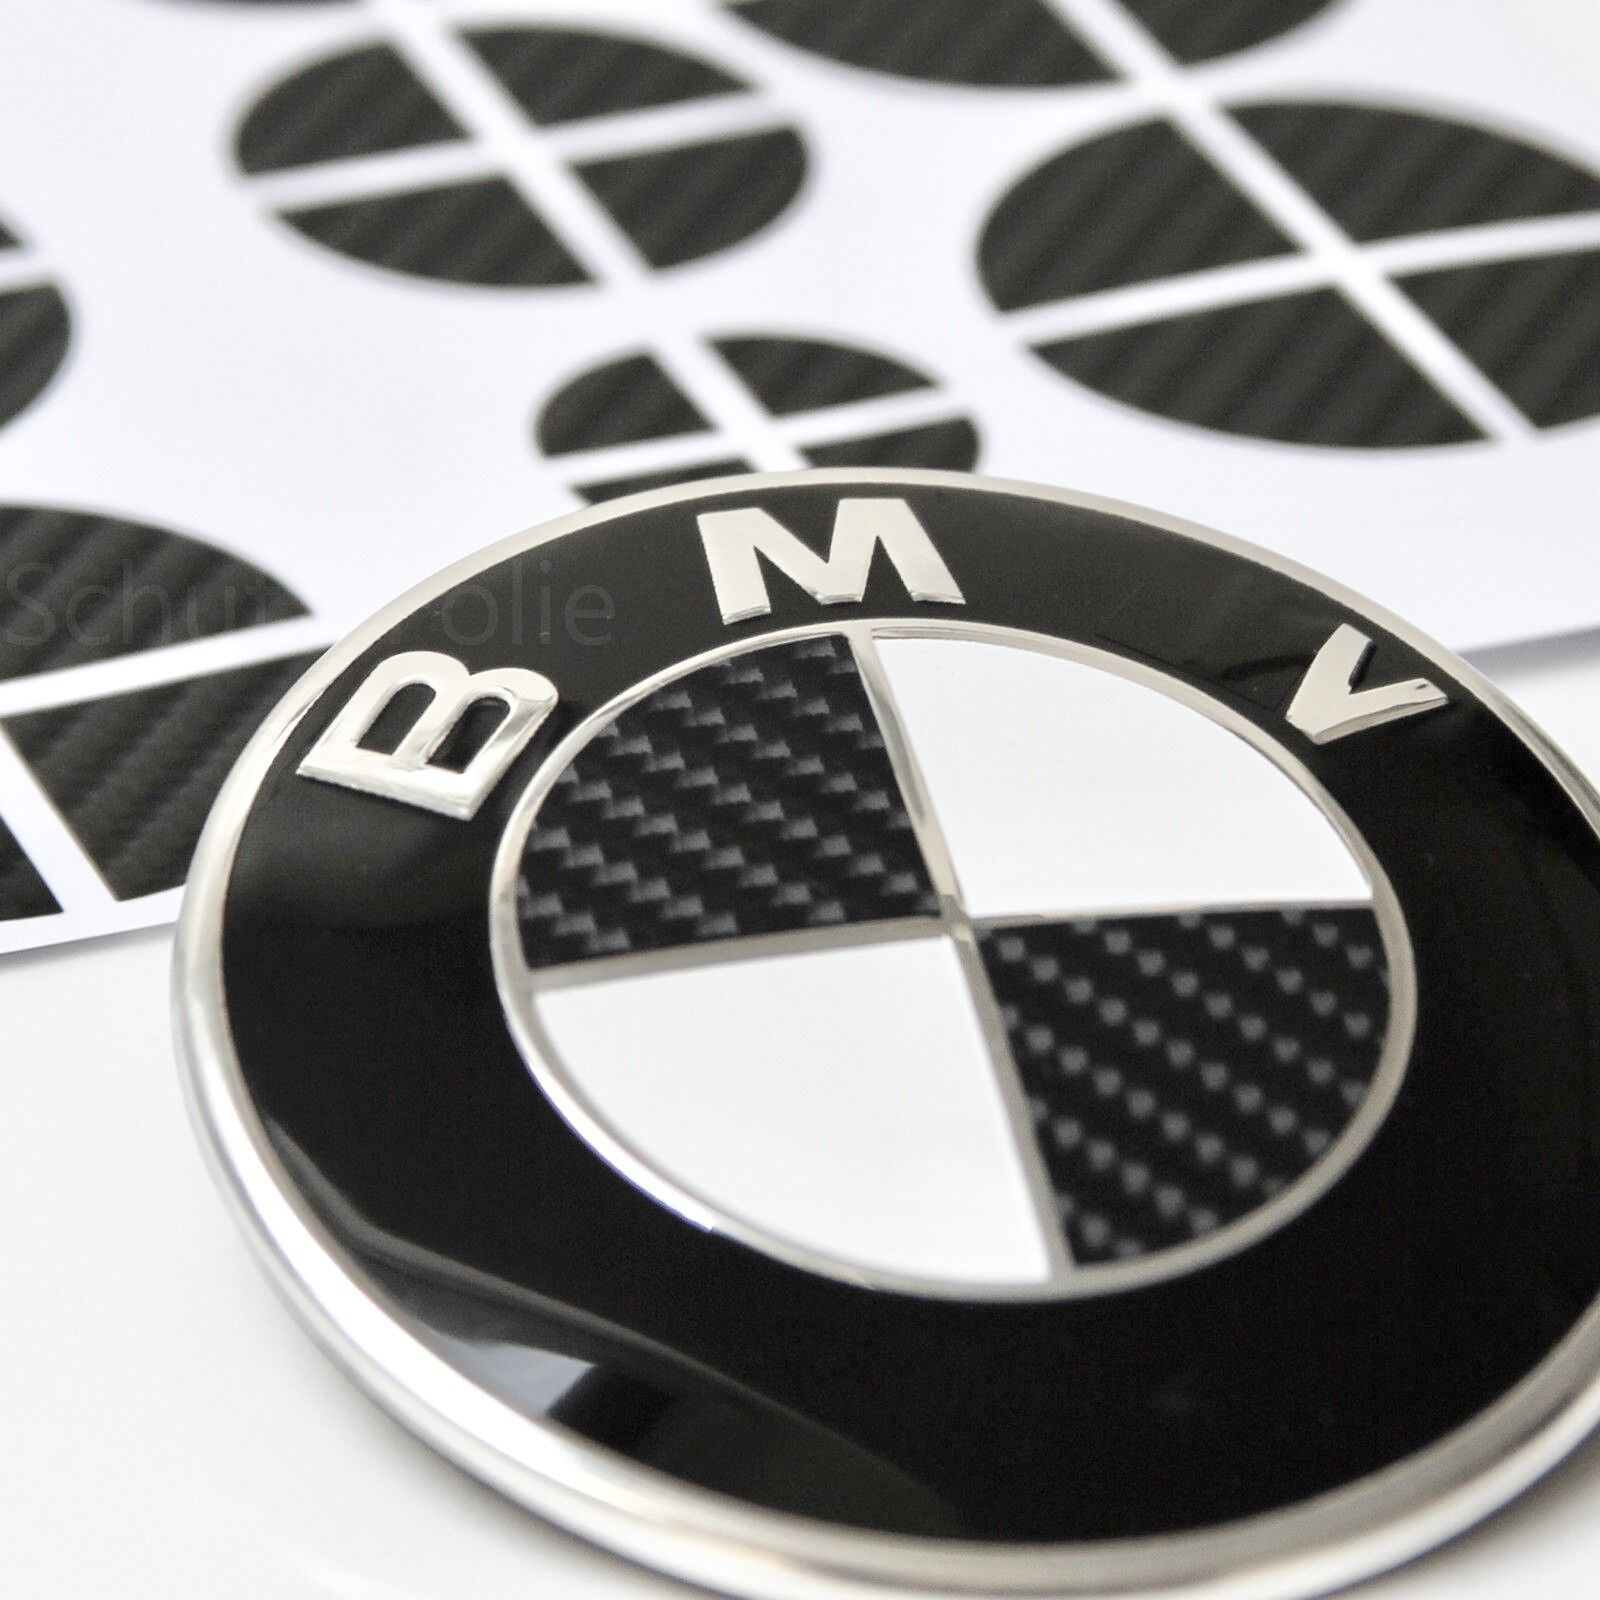 70x aufkleber 4d carbon bmw emblem felgen logo nabendeckel tuning m 1 2 3 4 5 ebay. Black Bedroom Furniture Sets. Home Design Ideas